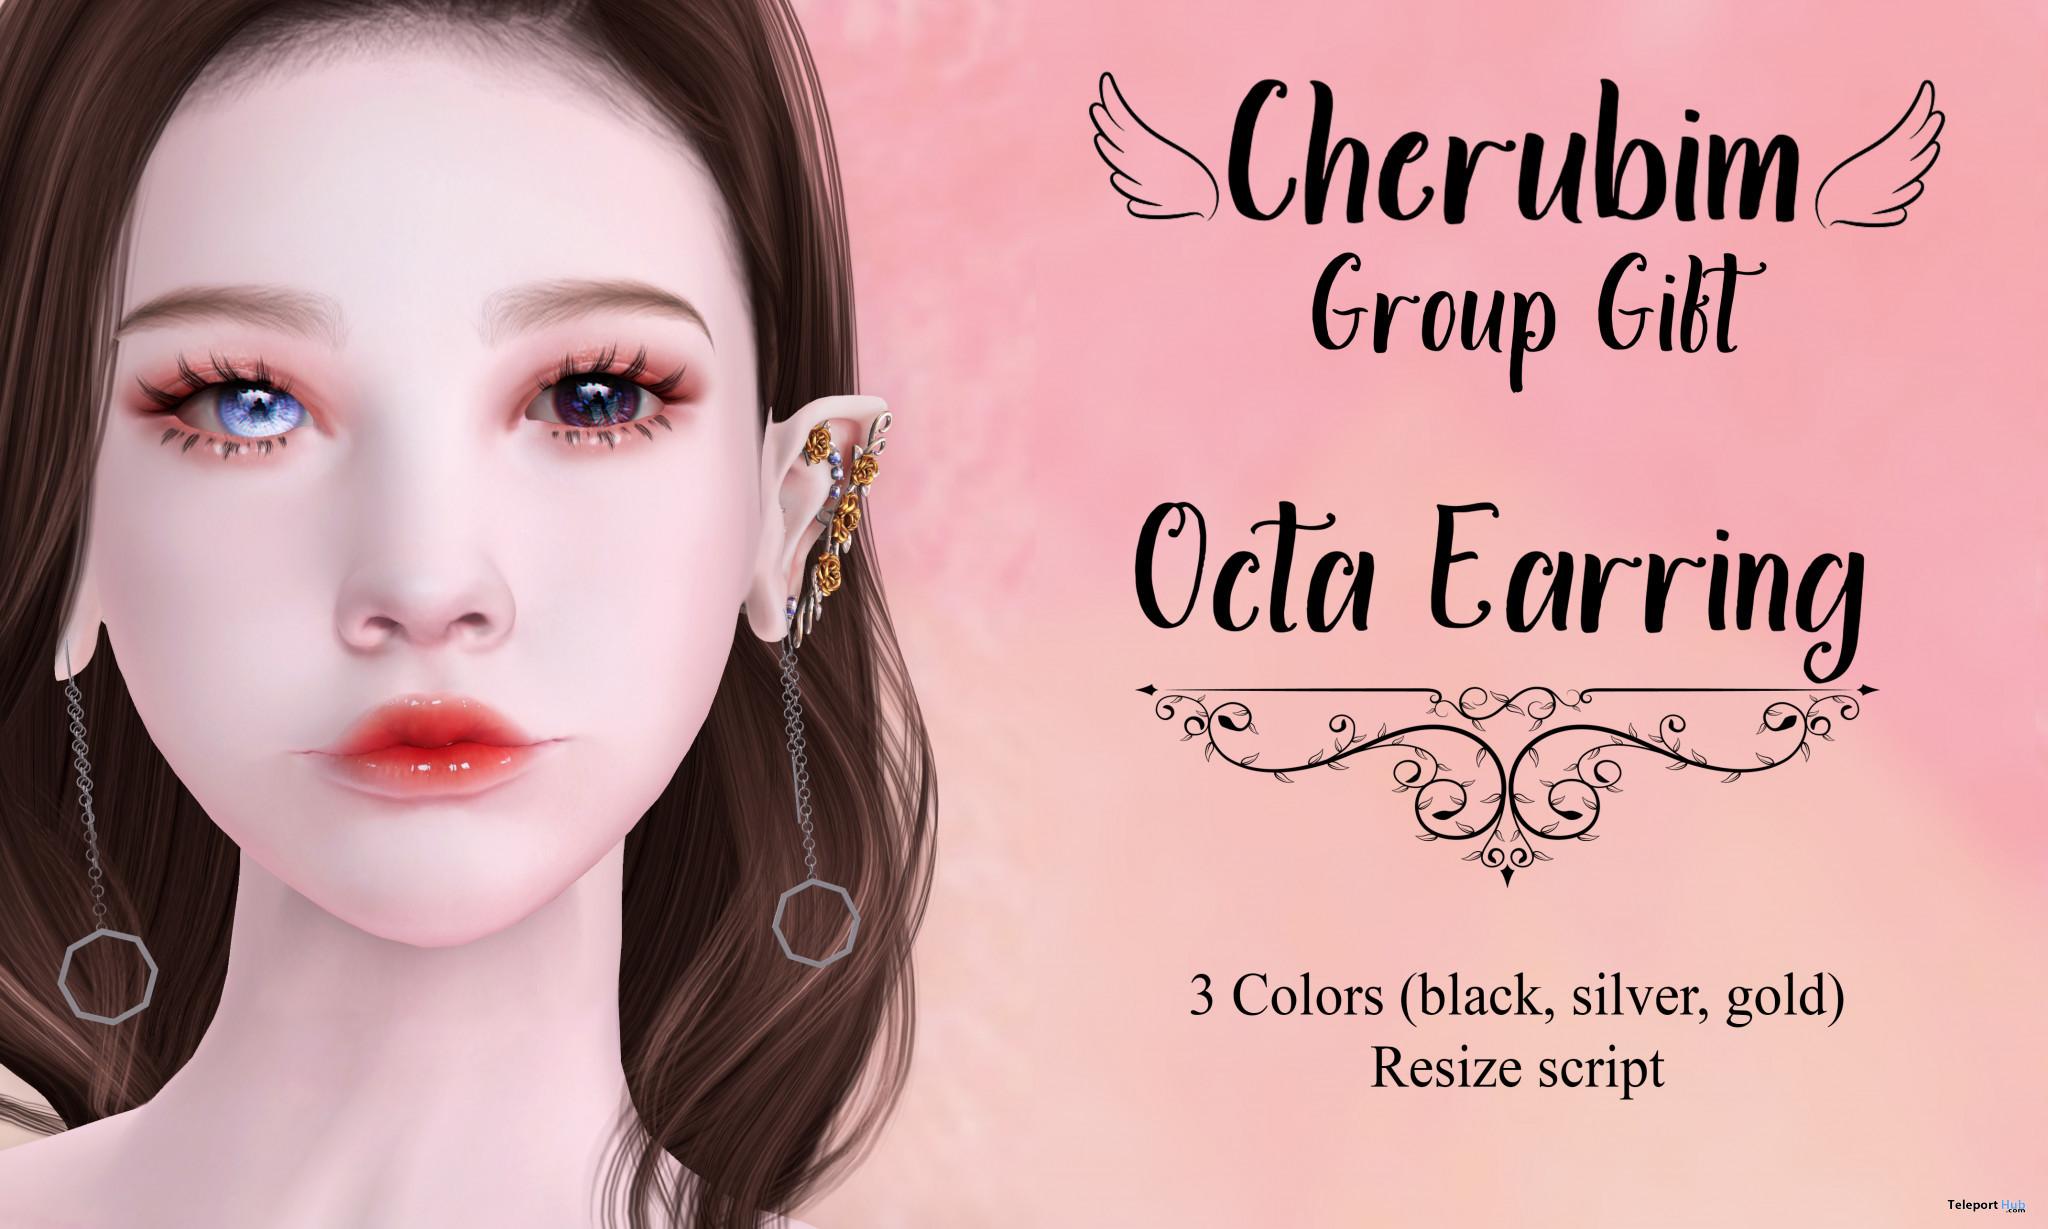 Octa Earrings June 2021 Group Gift by Cherubim - Teleport Hub - teleporthub.com